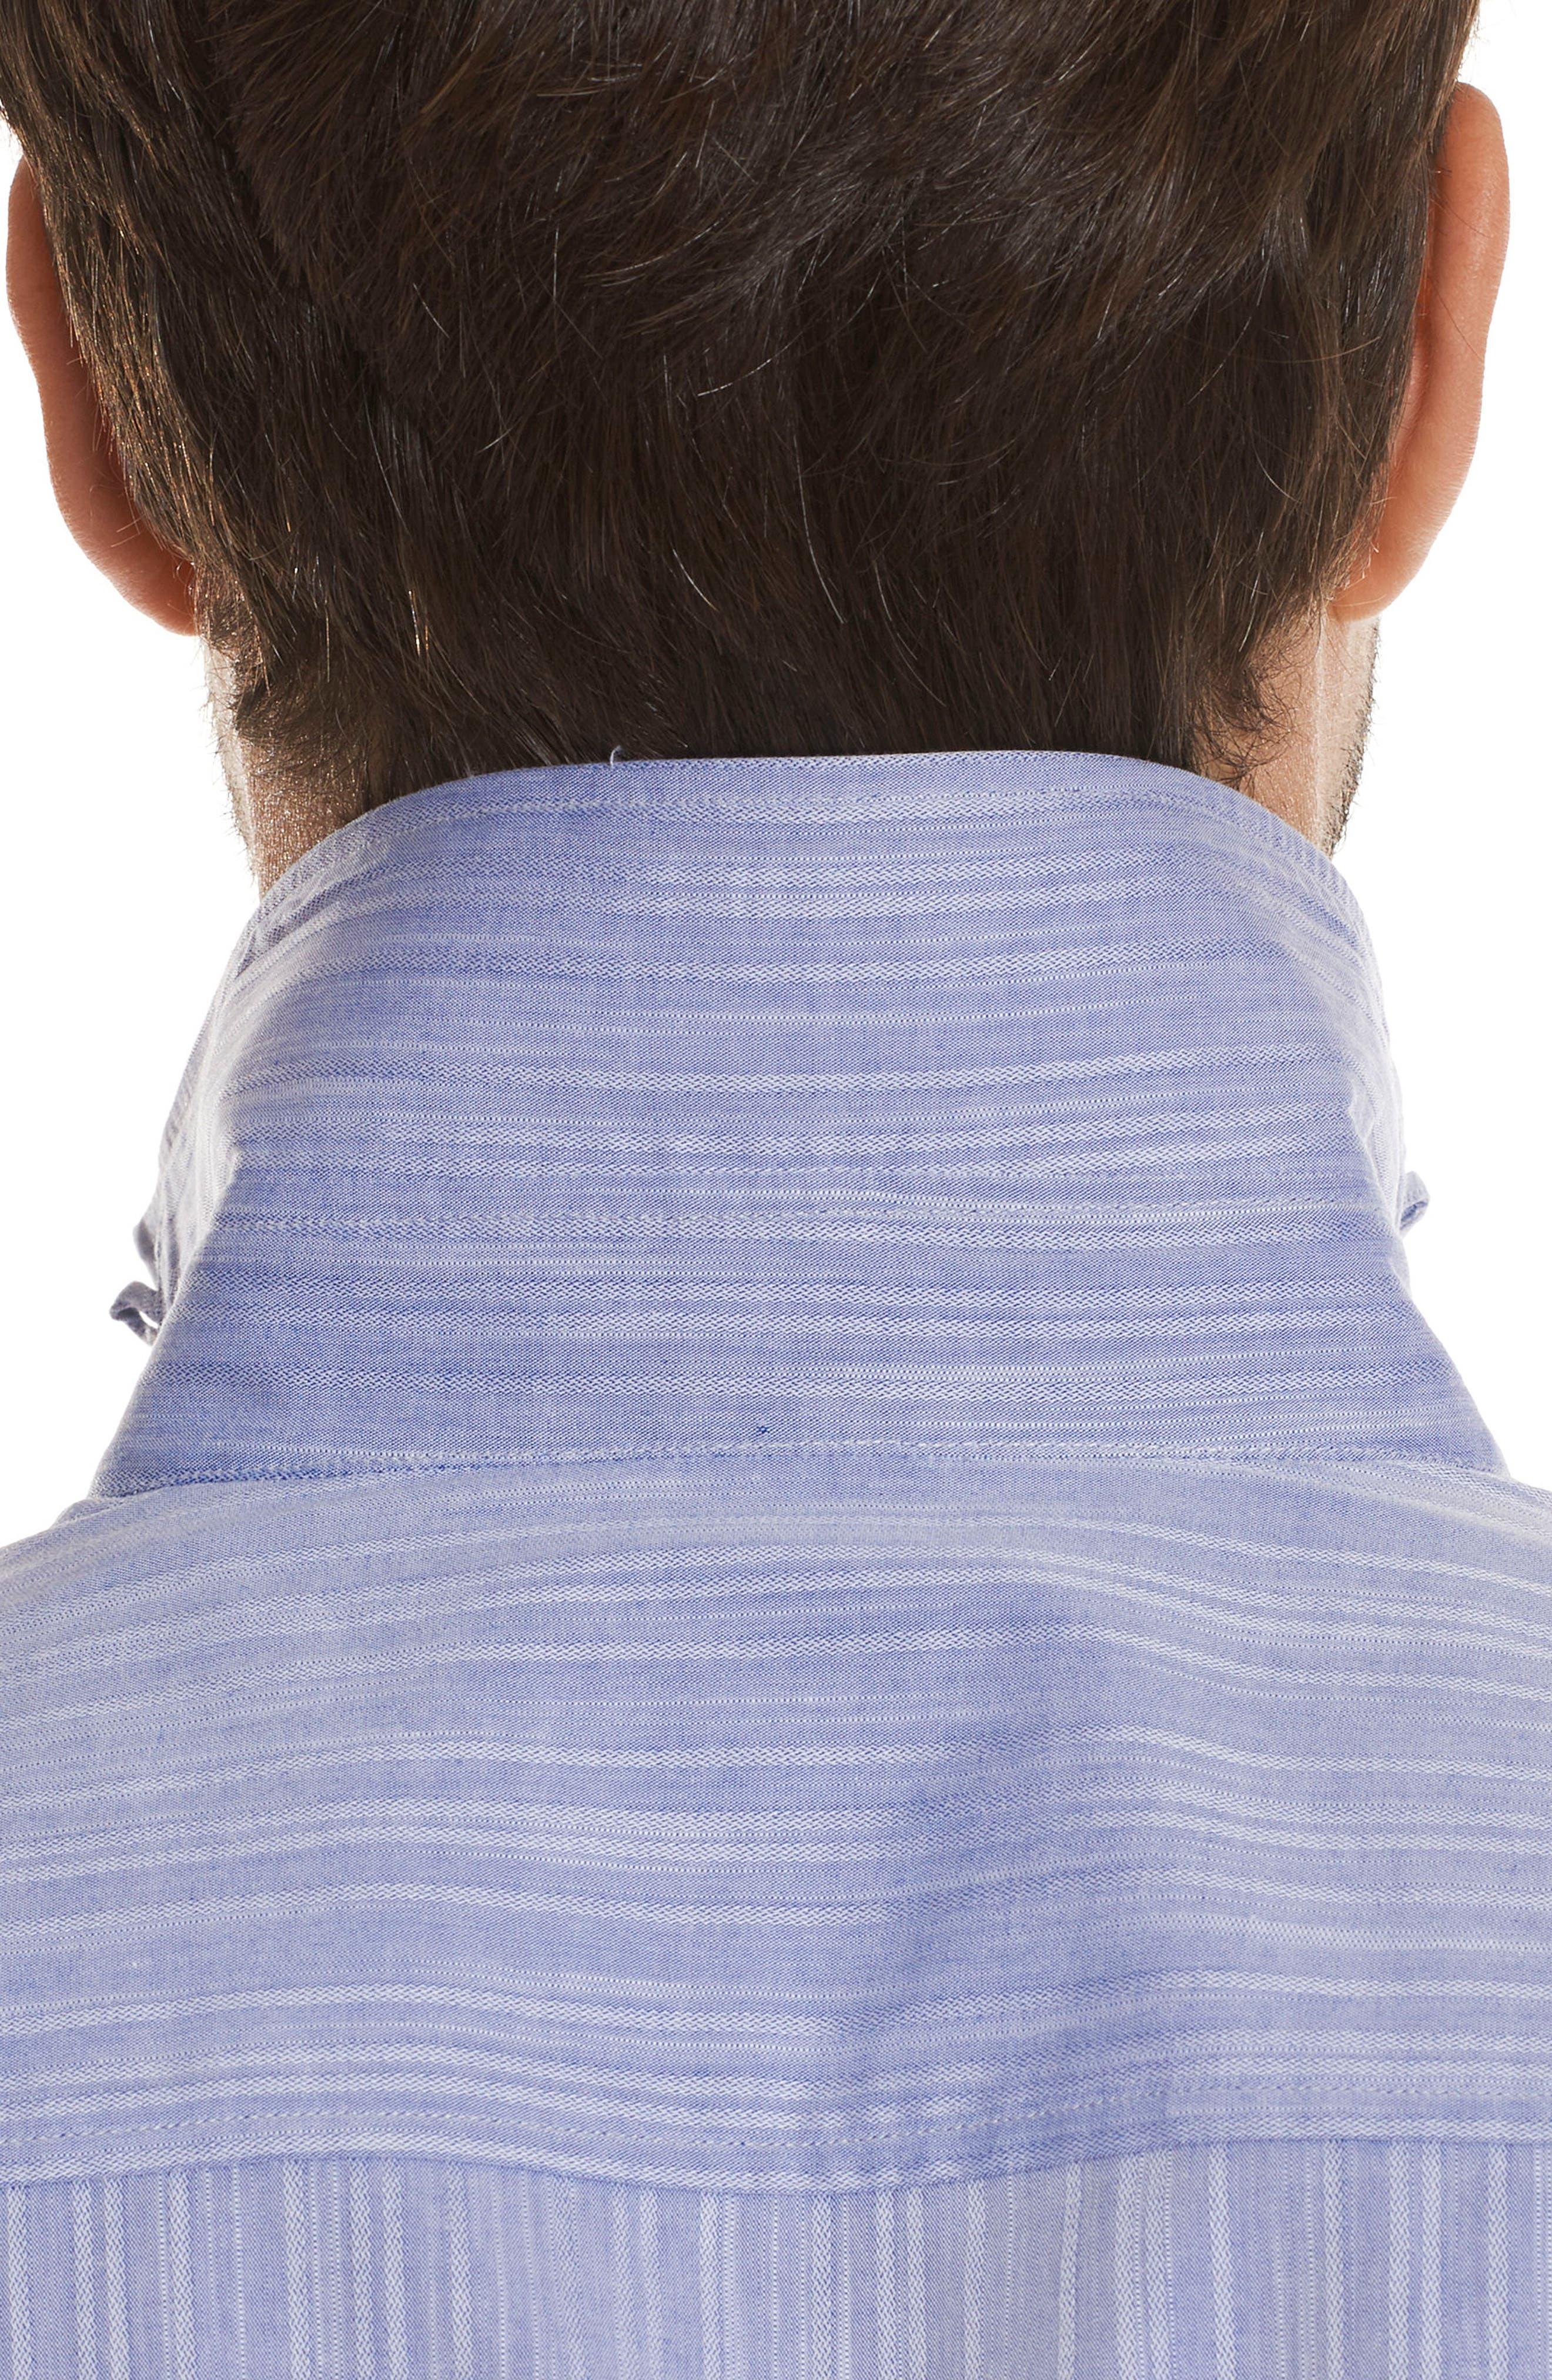 Livingston Regular Fit Short Sleeve Sport Shirt,                             Alternate thumbnail 2, color,                             Blue